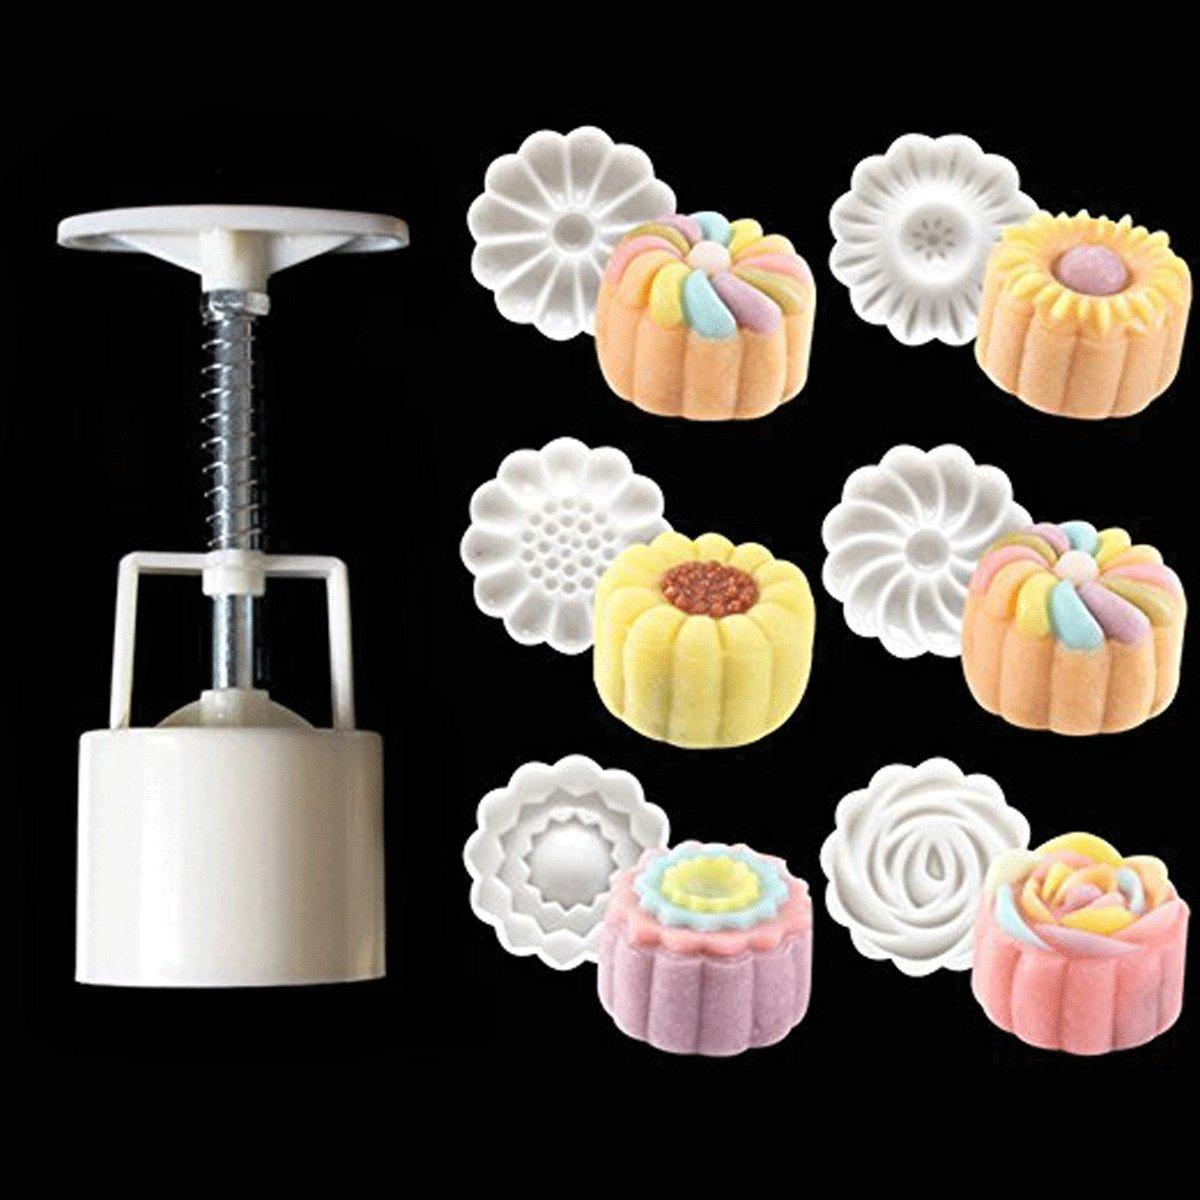 Popowbe 3D Rose Flower Mooncake Mold Hand Pressure Mould 1 Barrel 6 Stamps DIY Cake DecorationTool